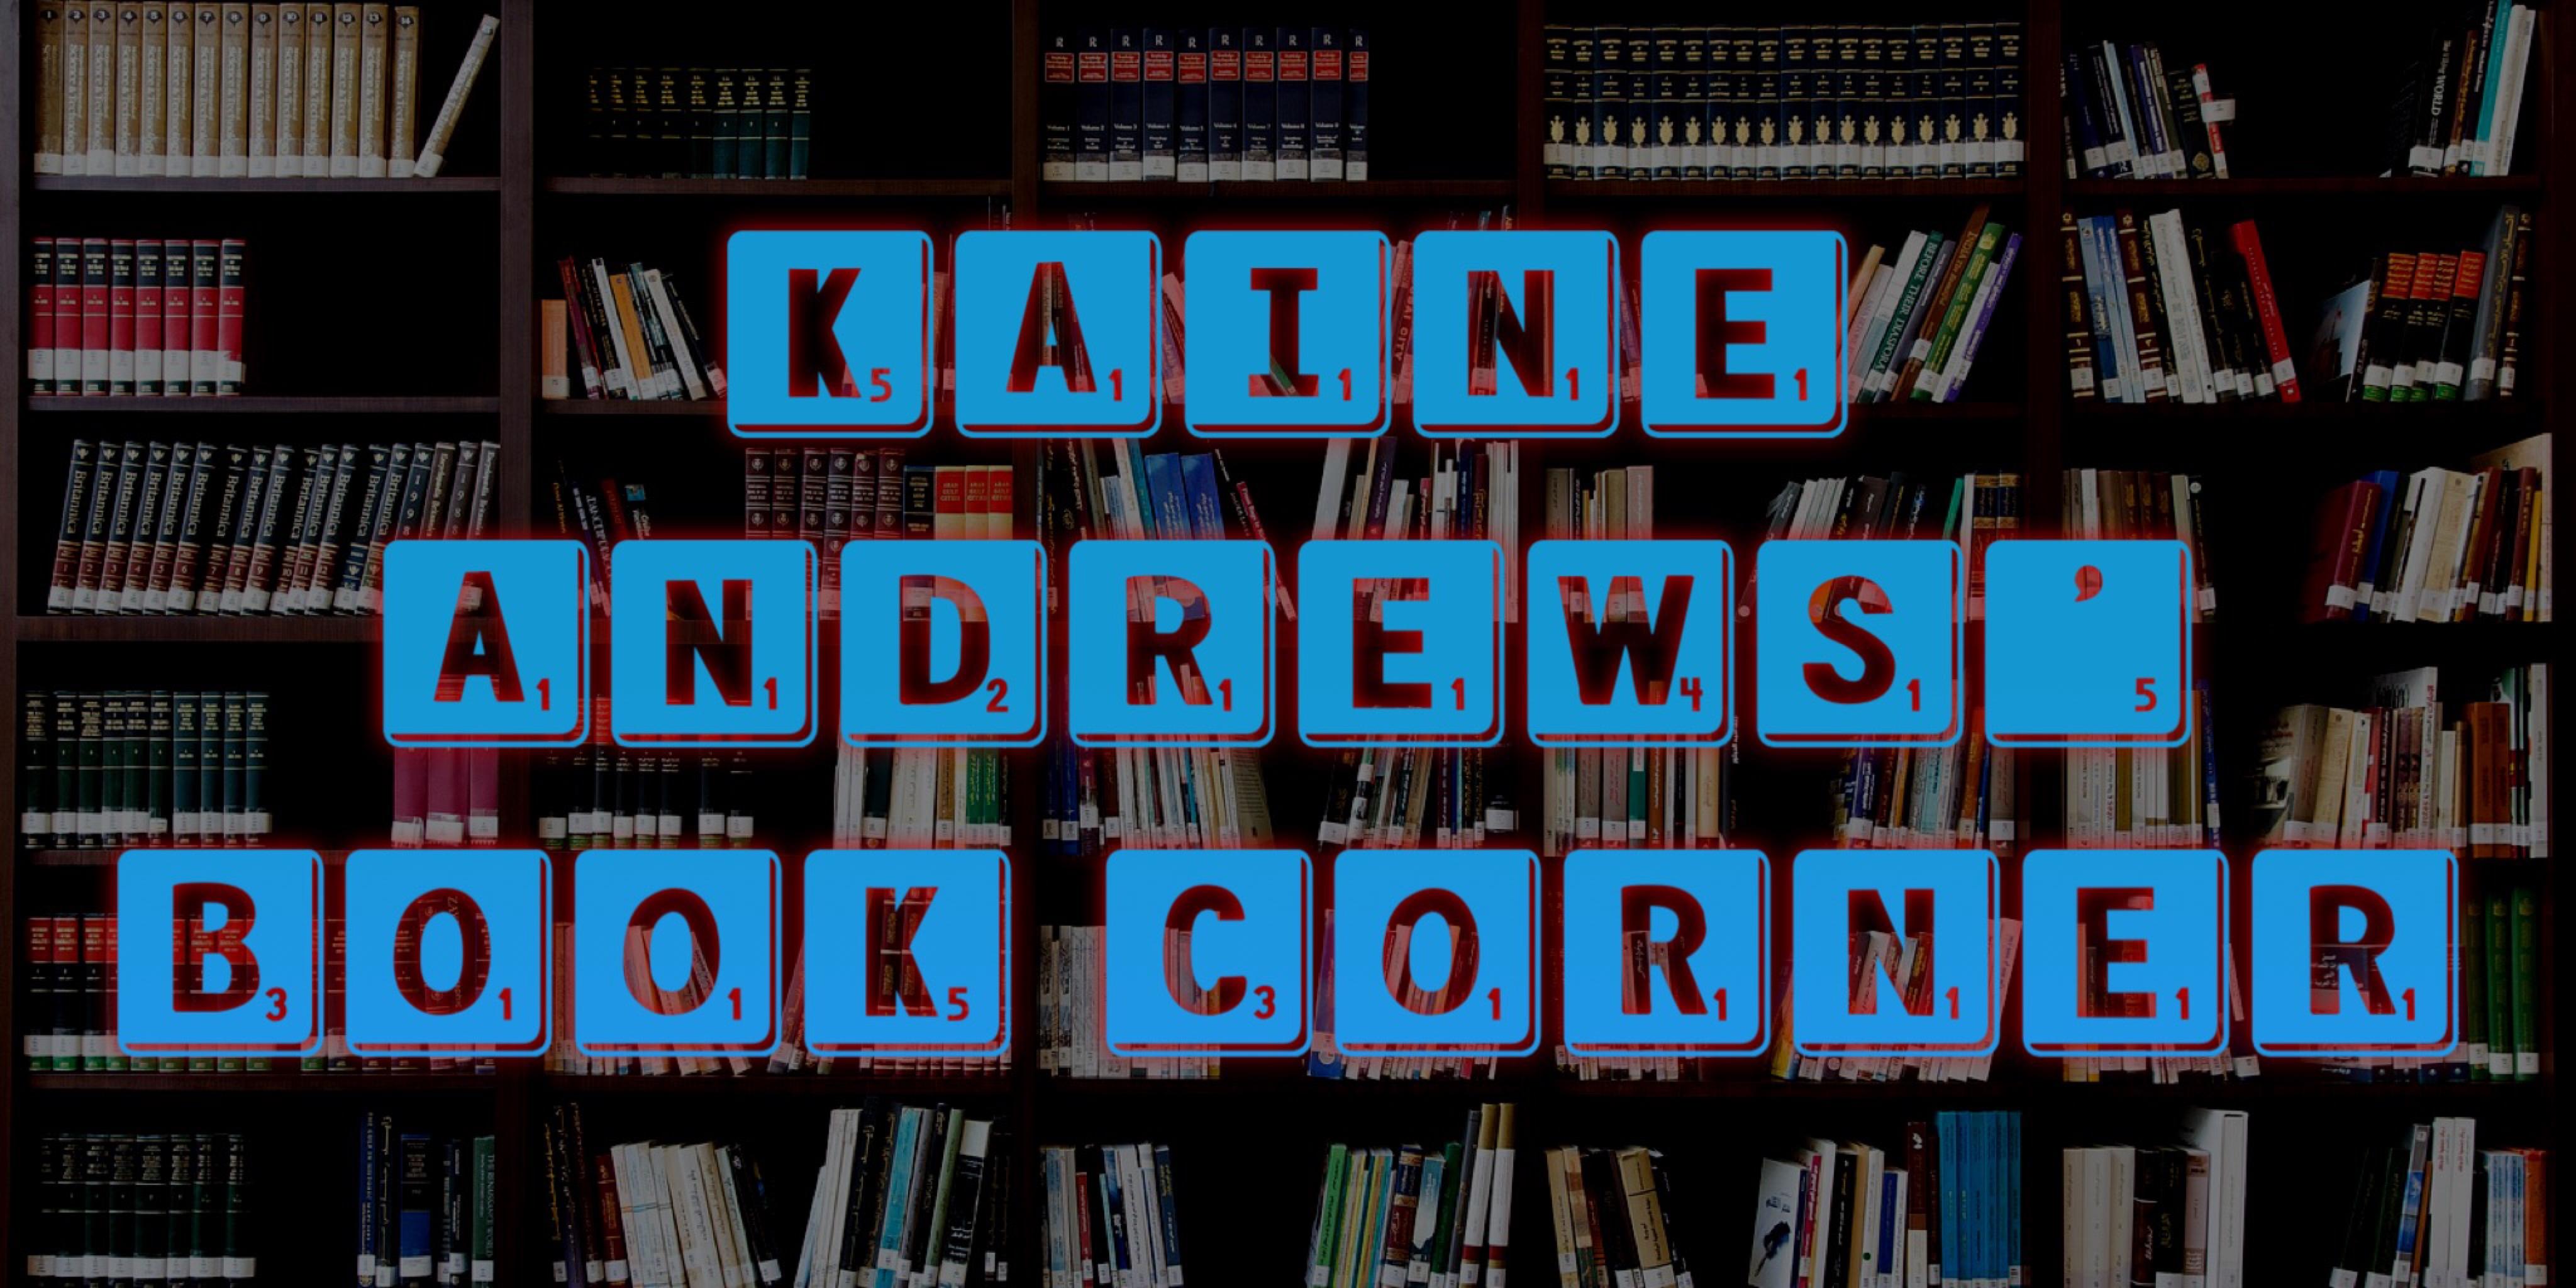 Book_Corner.jpg